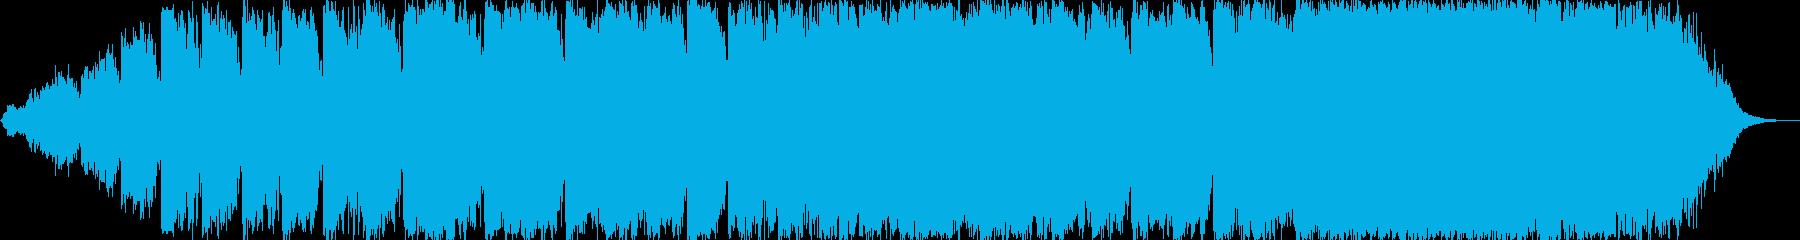 エレクトロニック サスペンス 勝利...の再生済みの波形